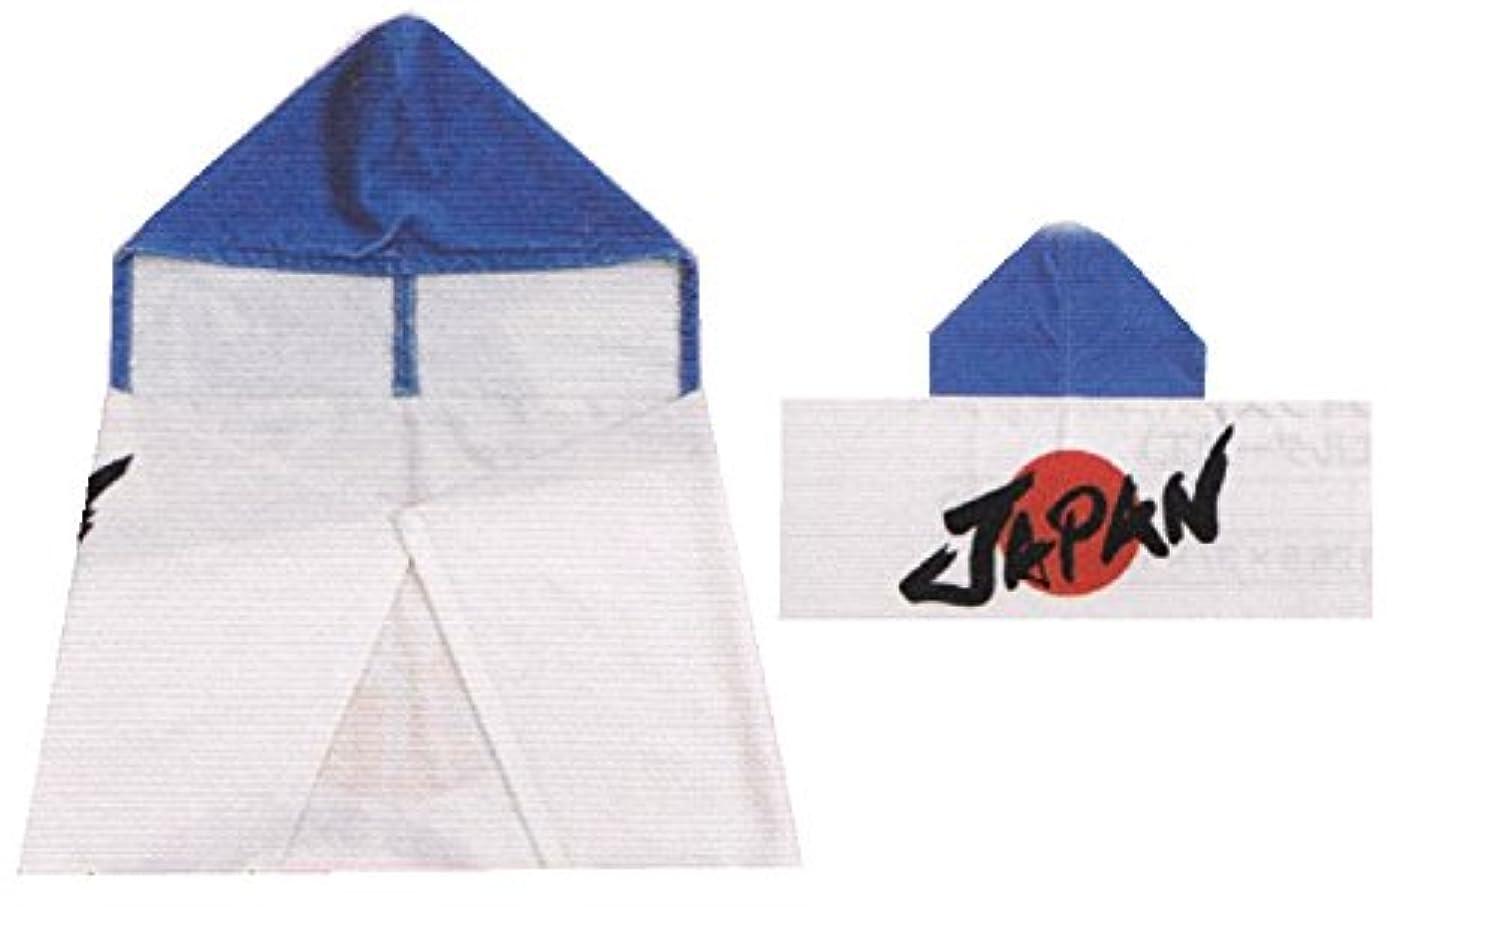 丸眞 フード付きタオル JAPAN 約40×110cm(フード除く) ジャパンブルー 0670017800